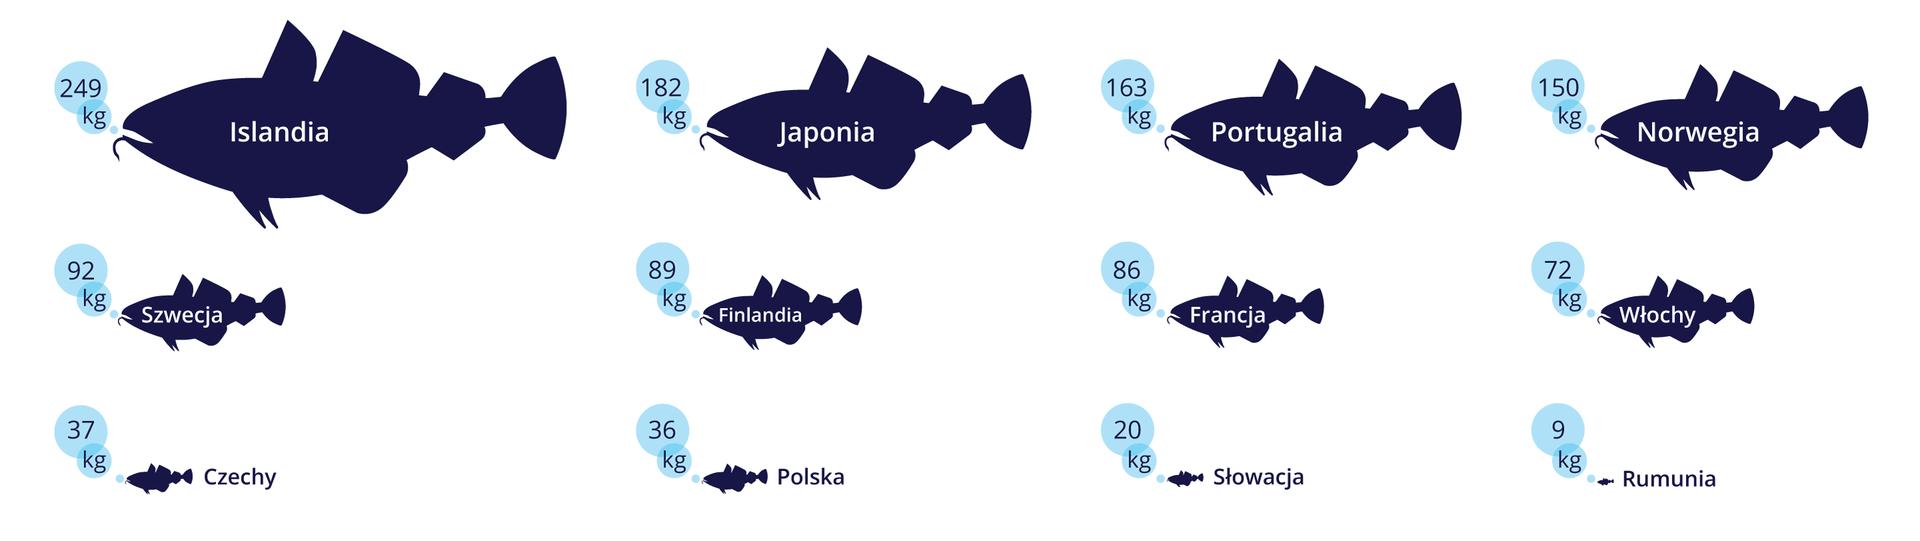 Ilustracja przedstawia wielkość spożycia ryb wróżnych państwach świata. Wielkość granatowej ryby wskazuje na wielkość spożycia. Wsylwetkach ryb na biało wpisano nazwy państw. Obok wbłękitnych kółeczkach podano wagę spożywanych ryb wkilogramach na rok.